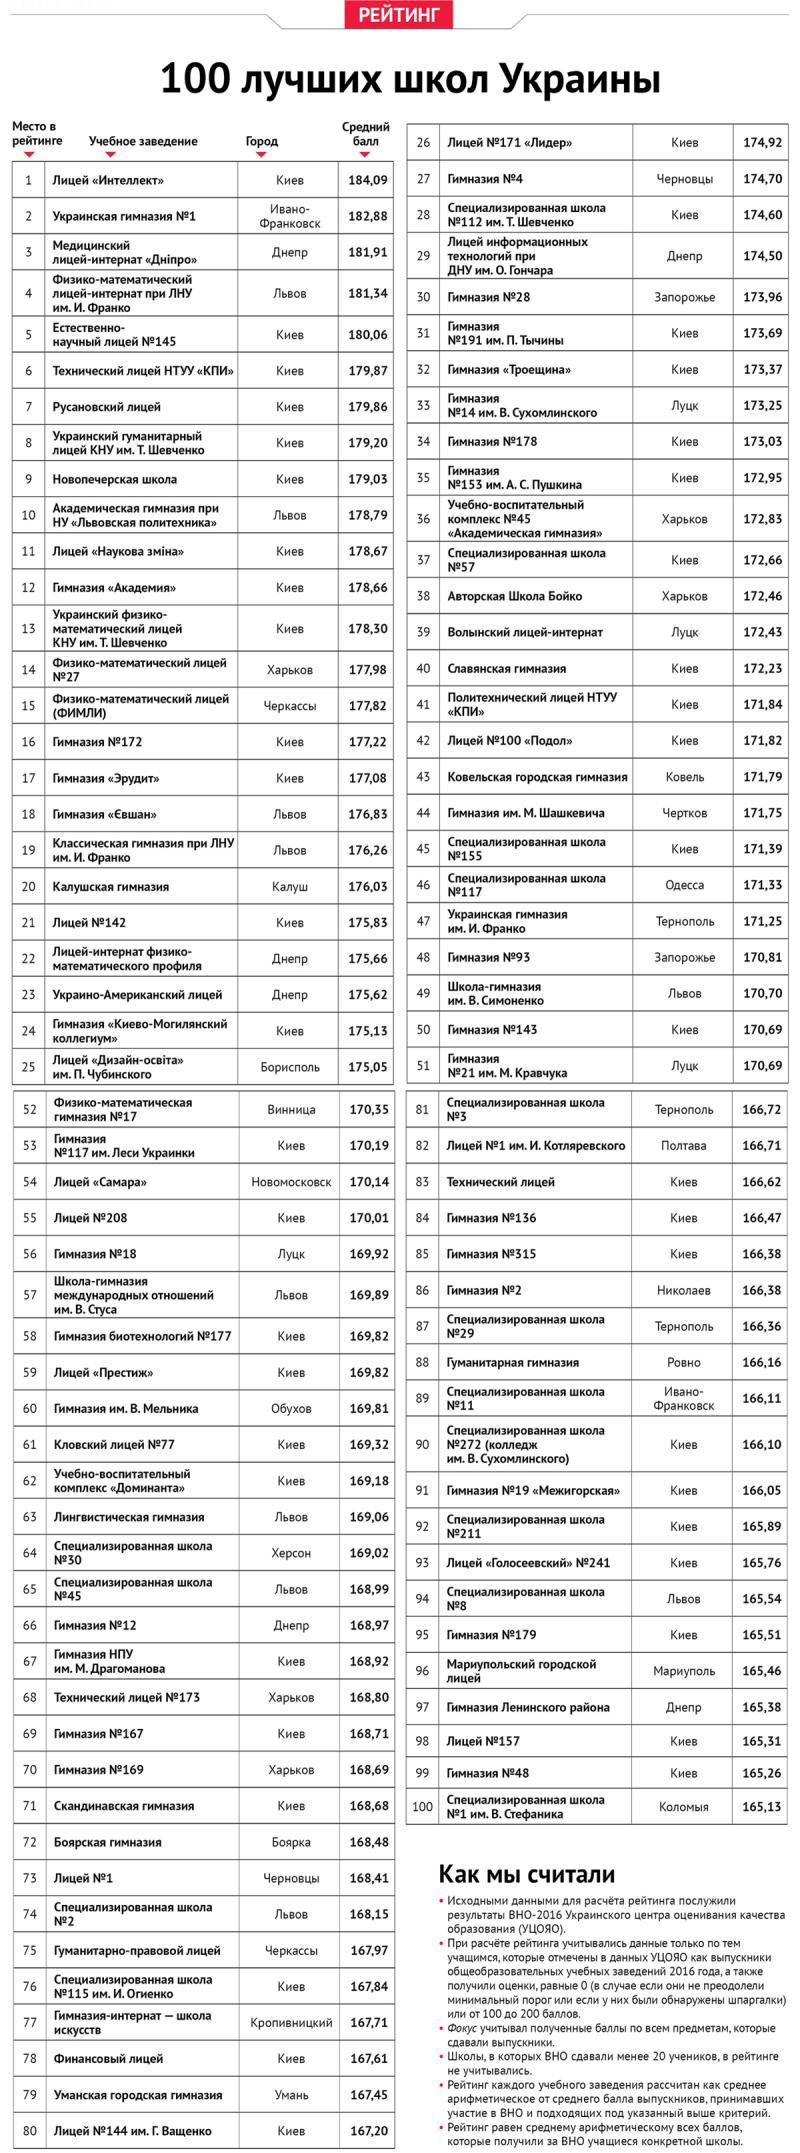 4 прикарпатські школи увійшли до сотні найкращих в Україні. РЕЙТИНГ